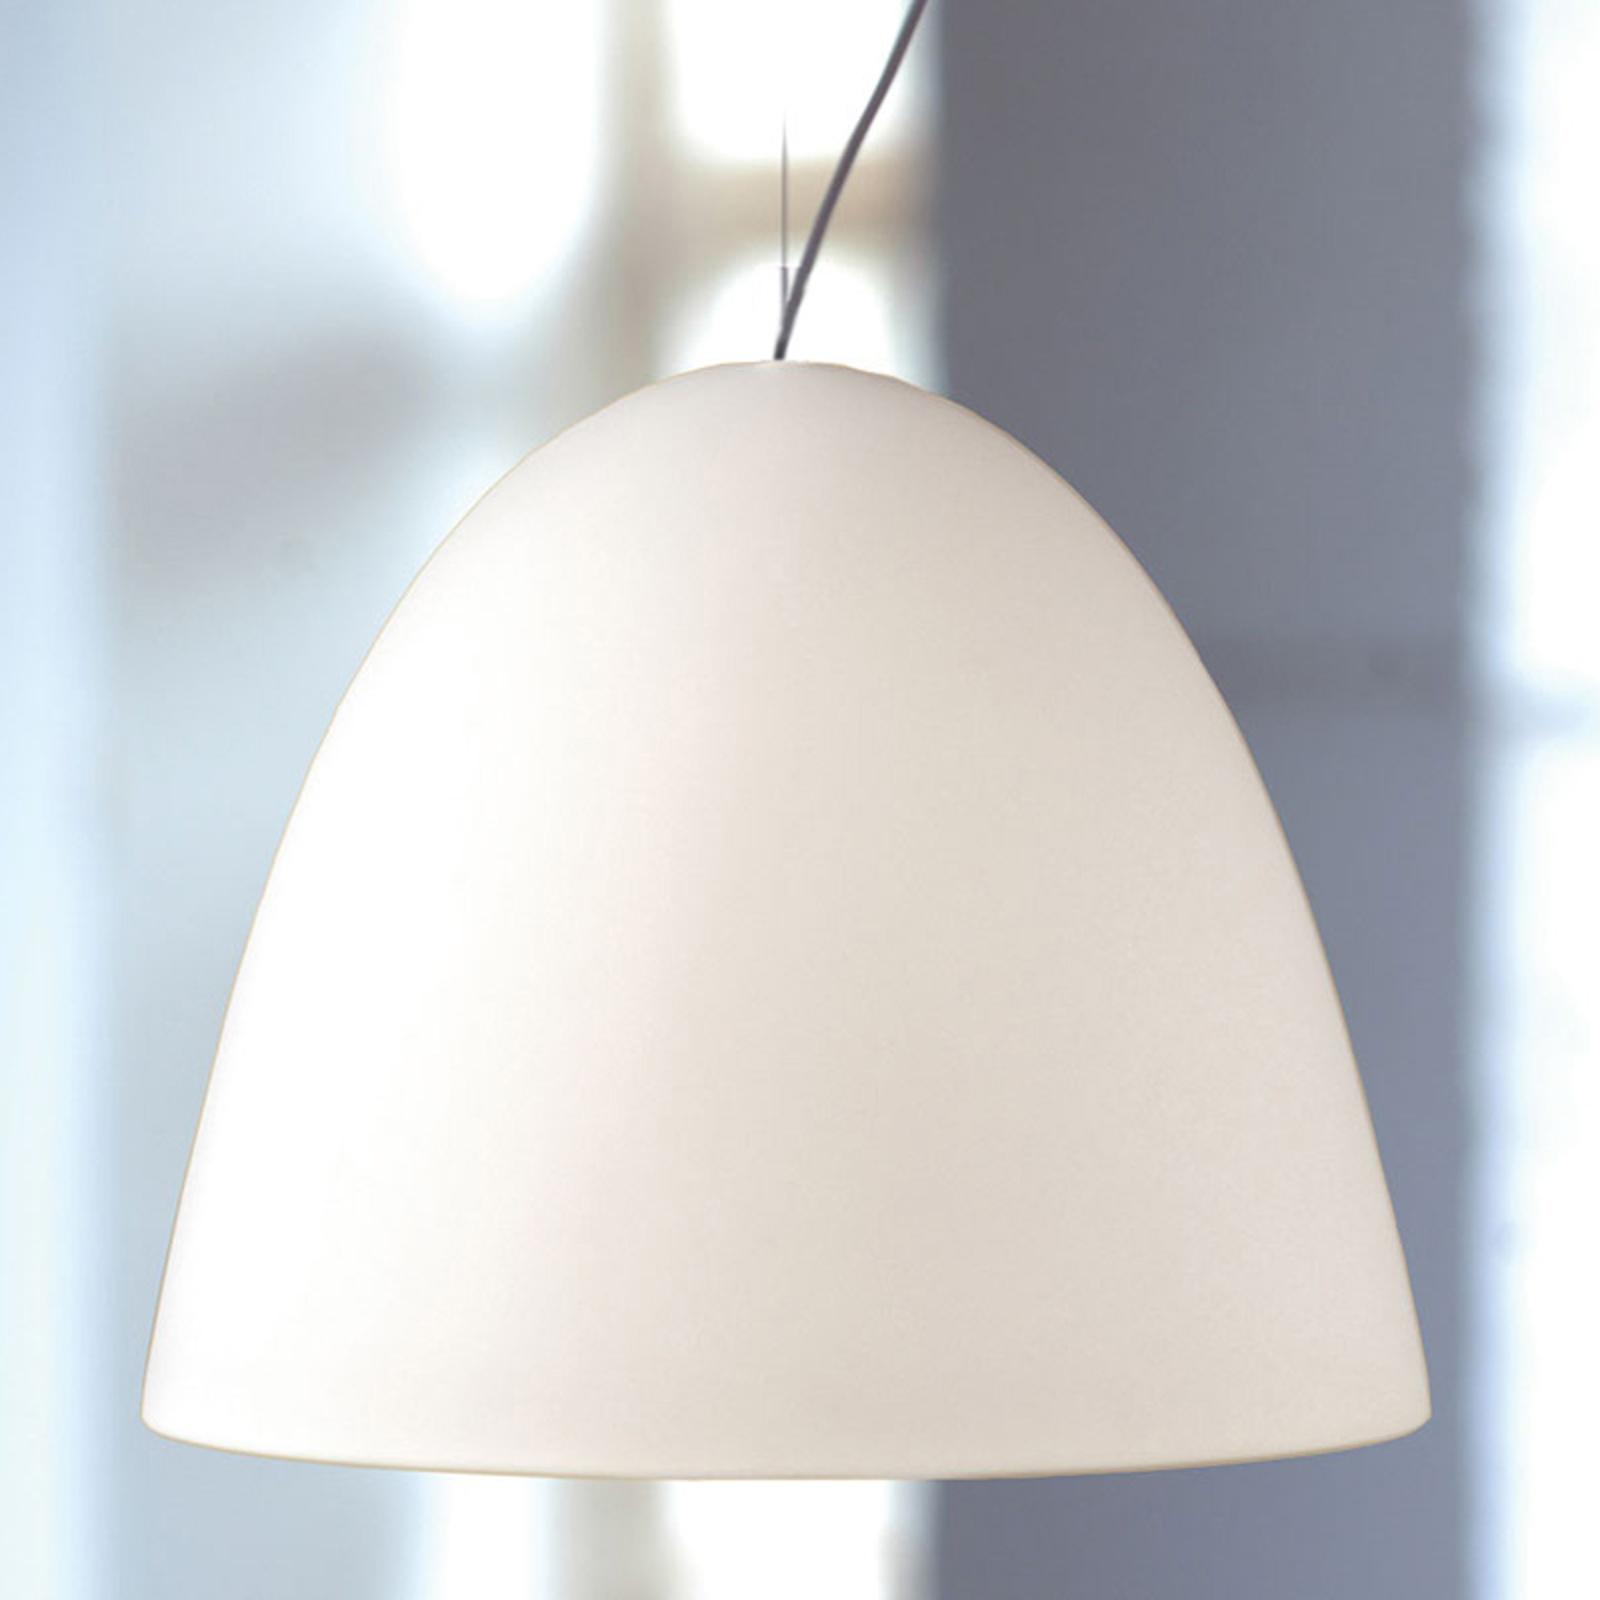 Casablanca Bell - Hängeleuchte 1-flammig 30 cm